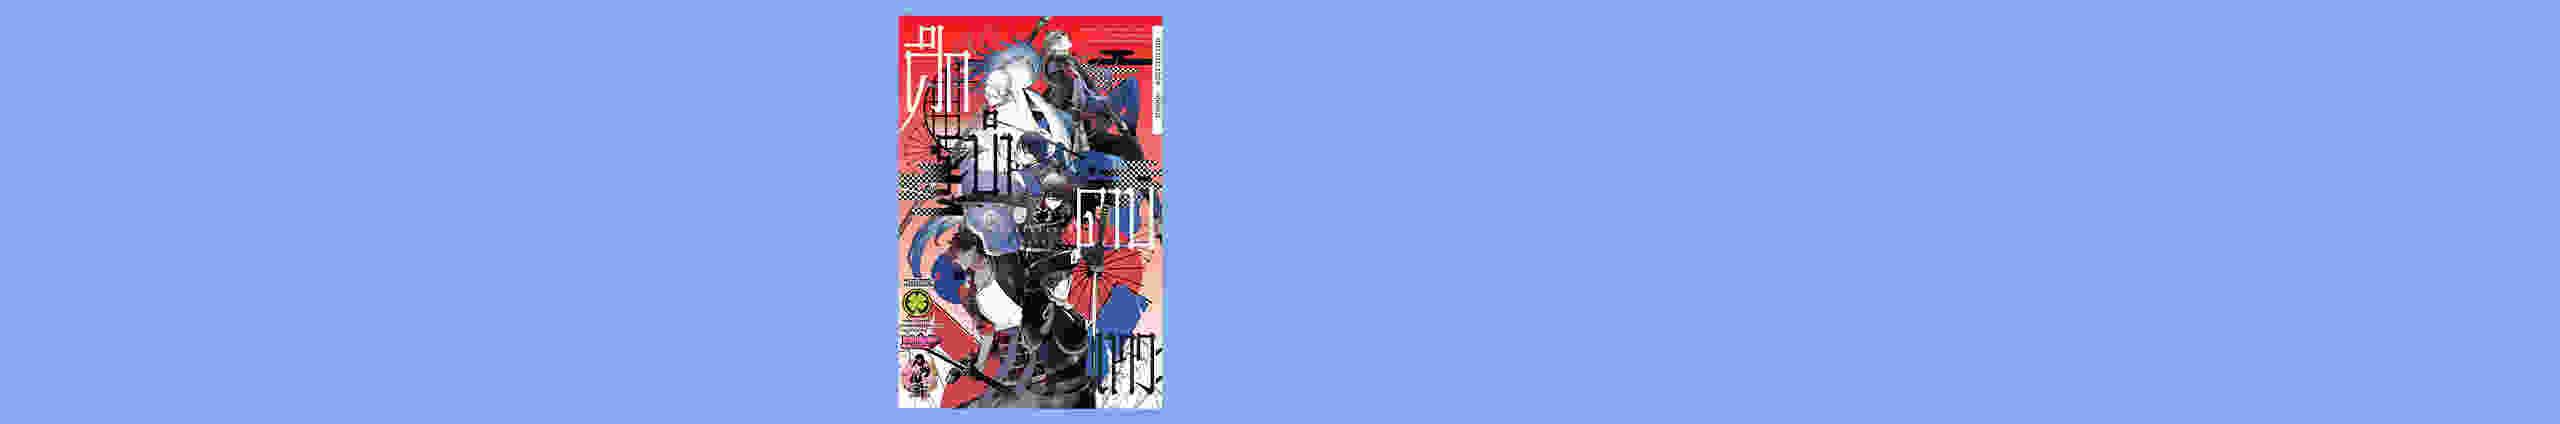 ศึกระบำดาบเทวะ -ONLINE- Anthology (ทัพหลวง)